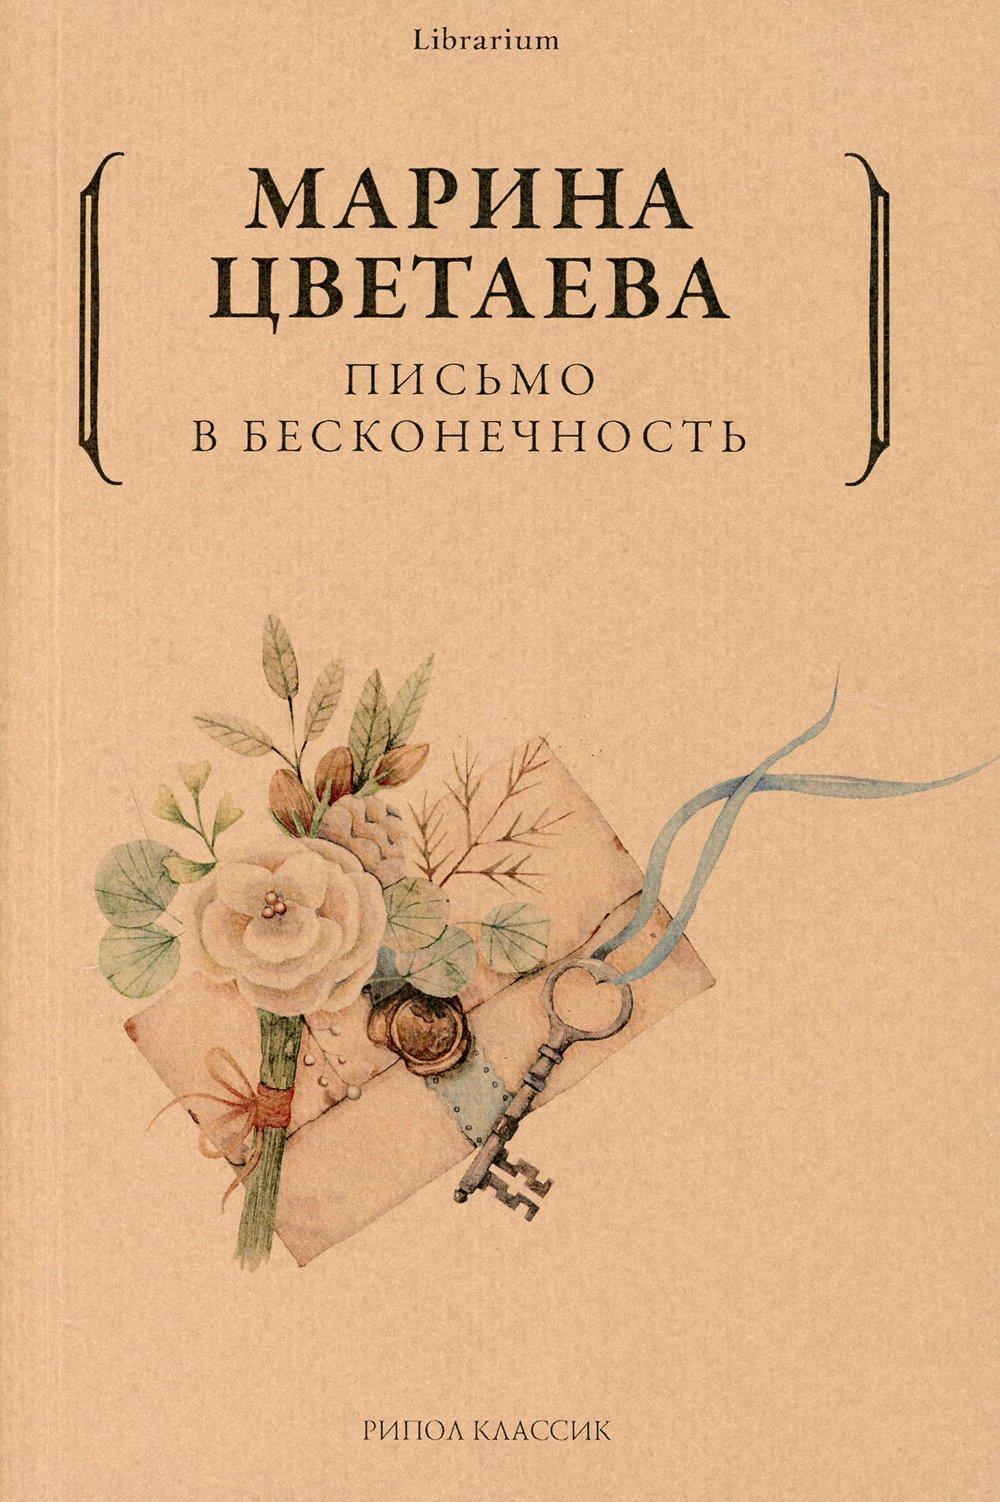 Цветаева Марина Ивановна Письмо в бесконечность